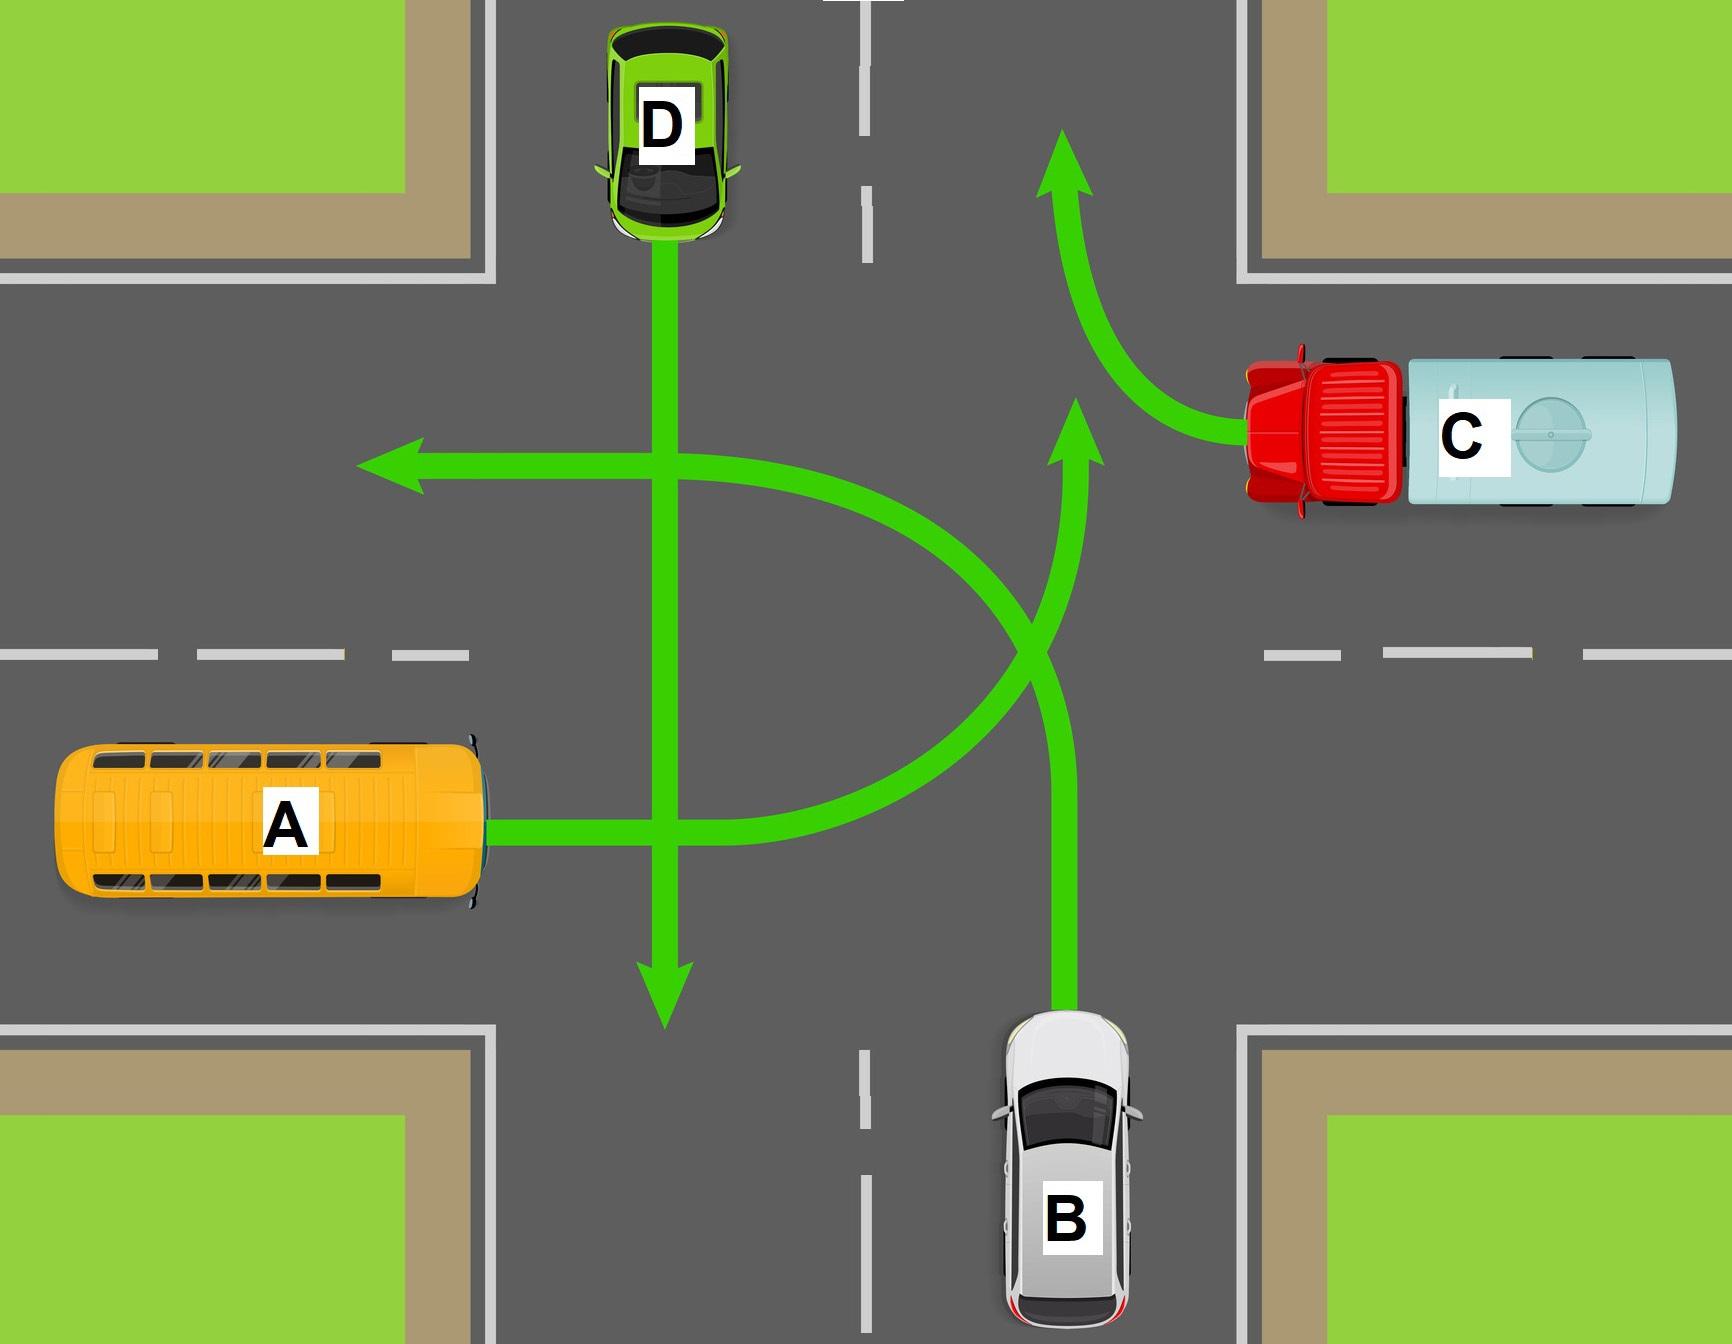 Mi a helyes haladási sorrend az egyenrangú útkereszteződésben?